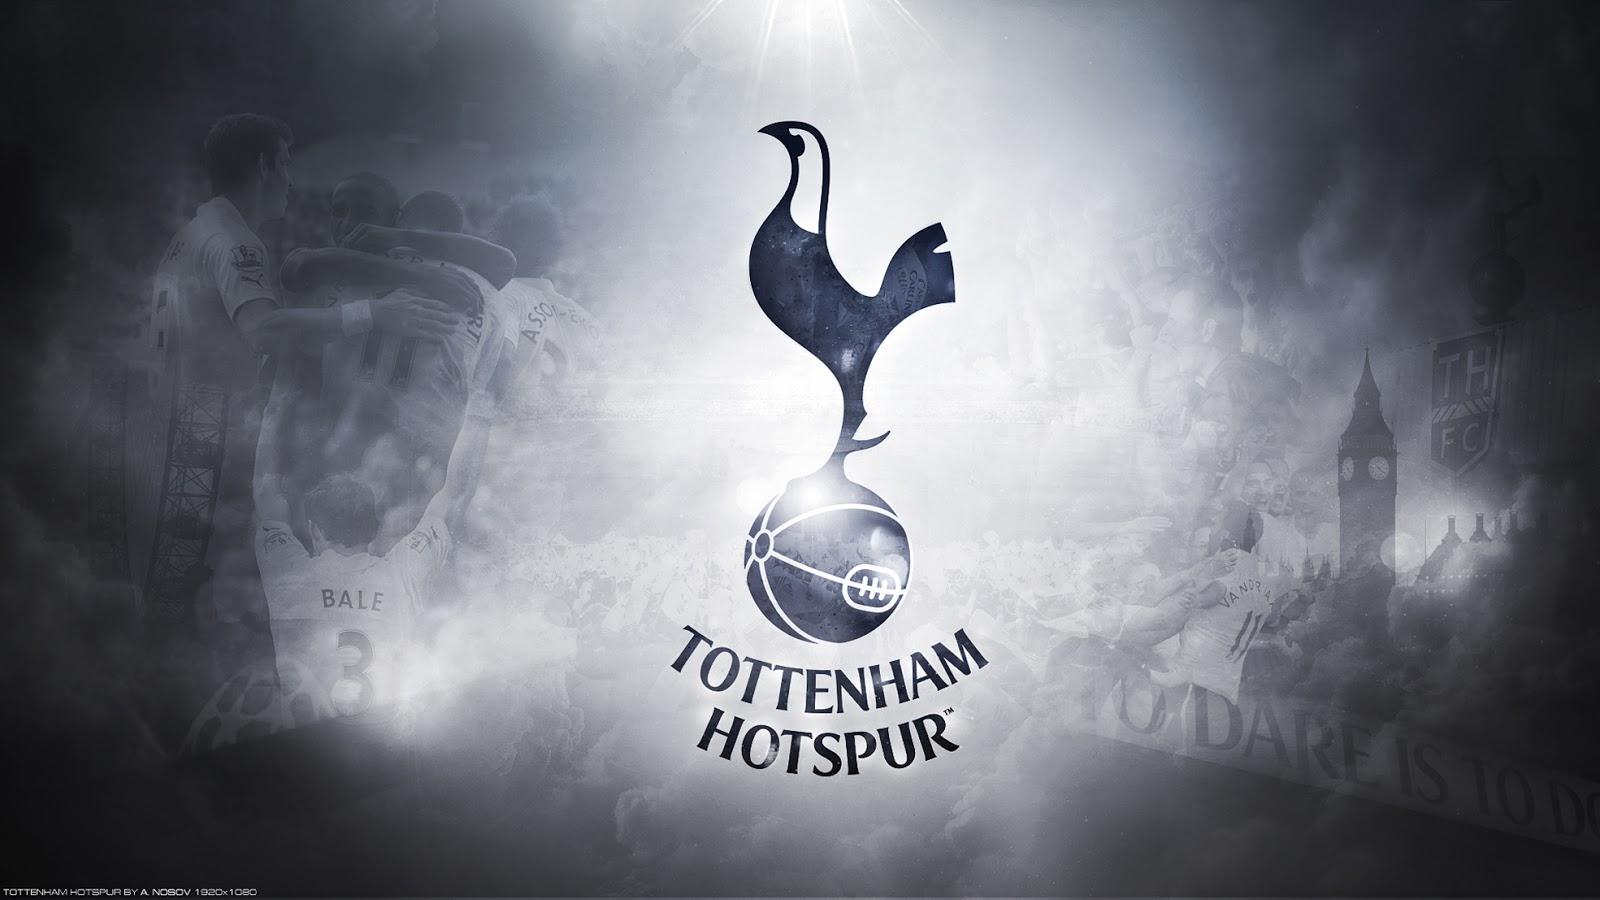 Tottenham Hotspur Wallpaper 4.jpg